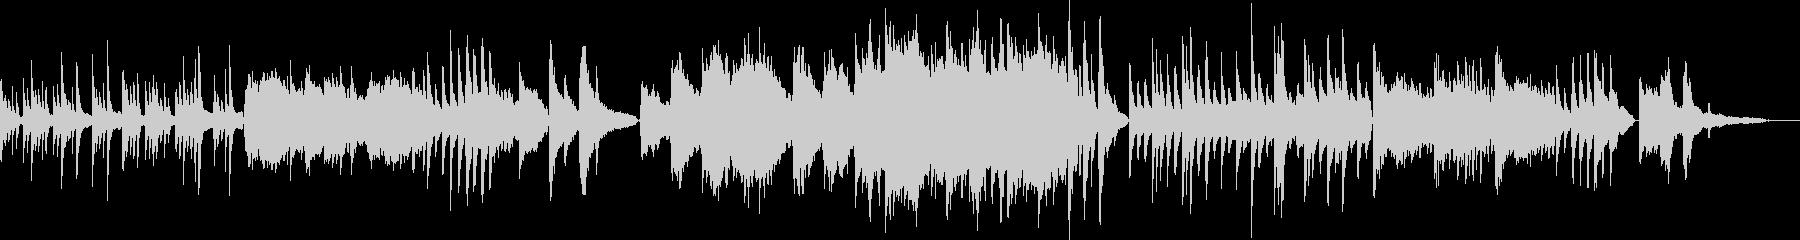 リラックス/オリエンタルな弦楽のバラードの未再生の波形